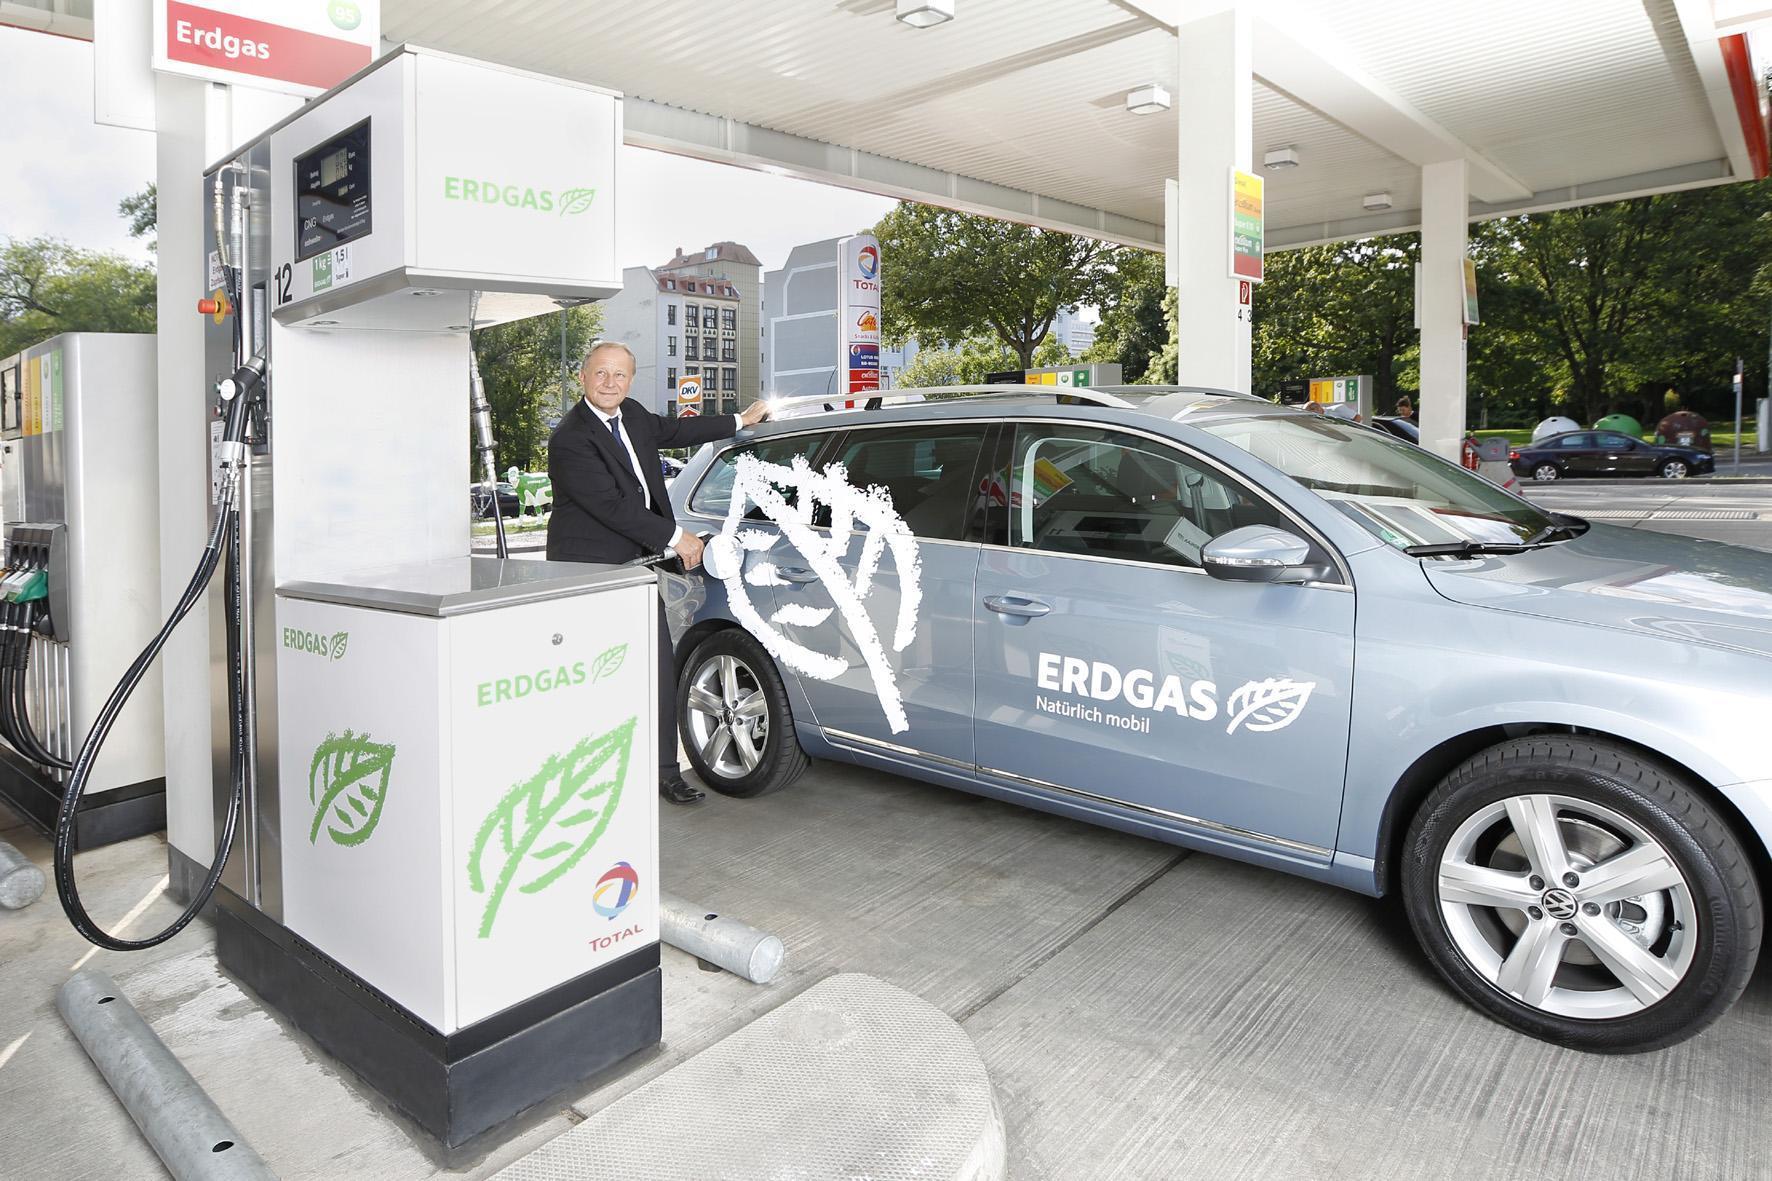 mid Düsseldorf - An der Tankstelle haben Fahrer von Ergas-Autos gut lachen. Die Preise liegen deutlich unter denen von Benzin und Diesel.